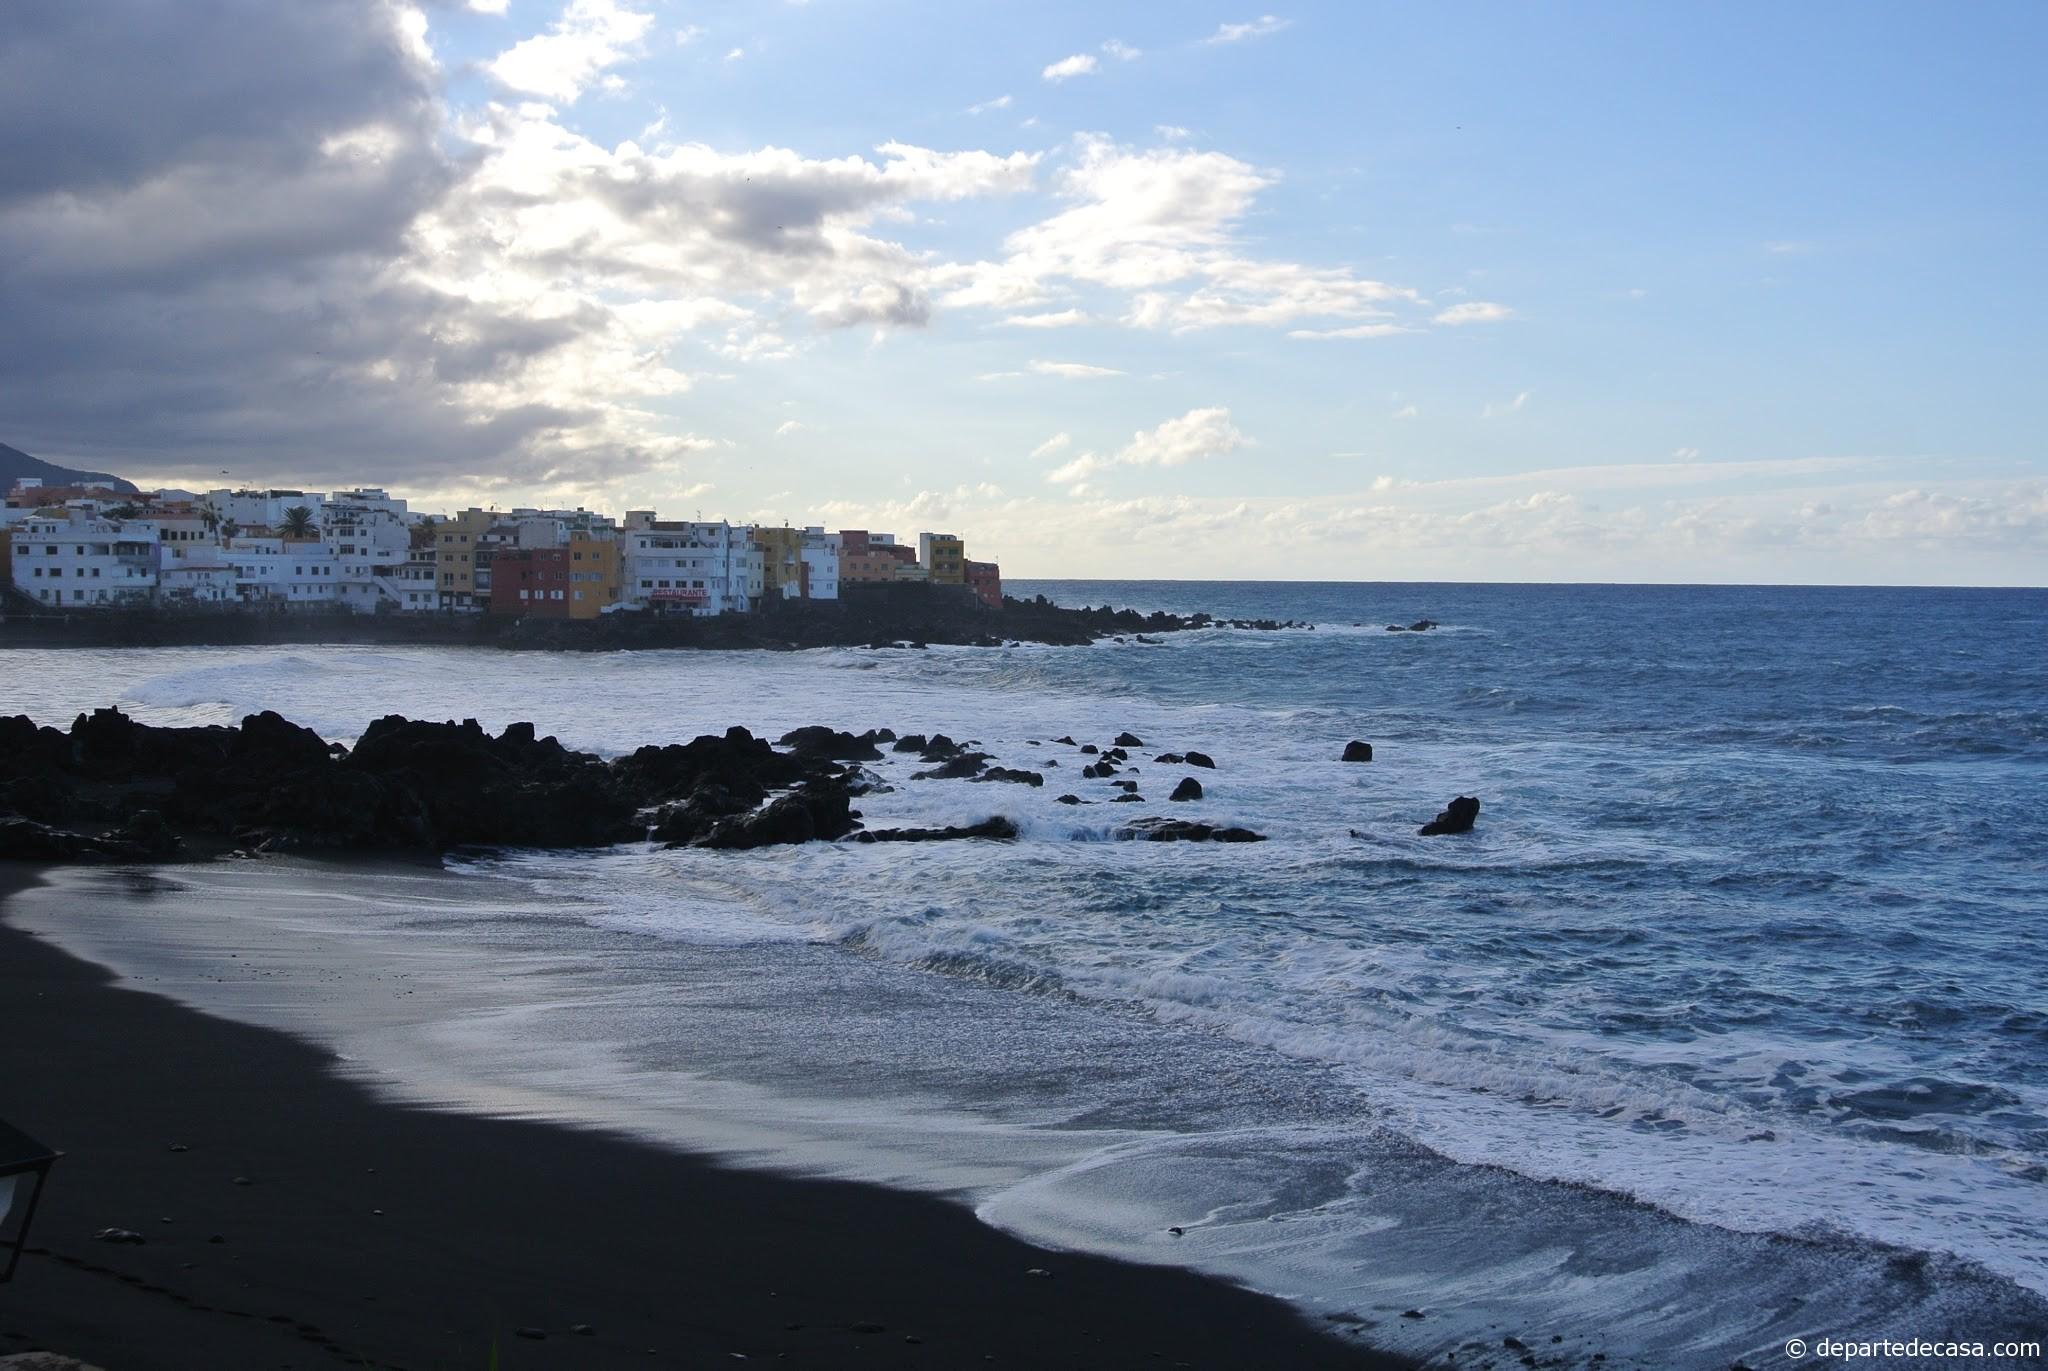 Playa jardin puerto de la cruz departe de casa - Playa jardin puerto de la cruz tenerife ...